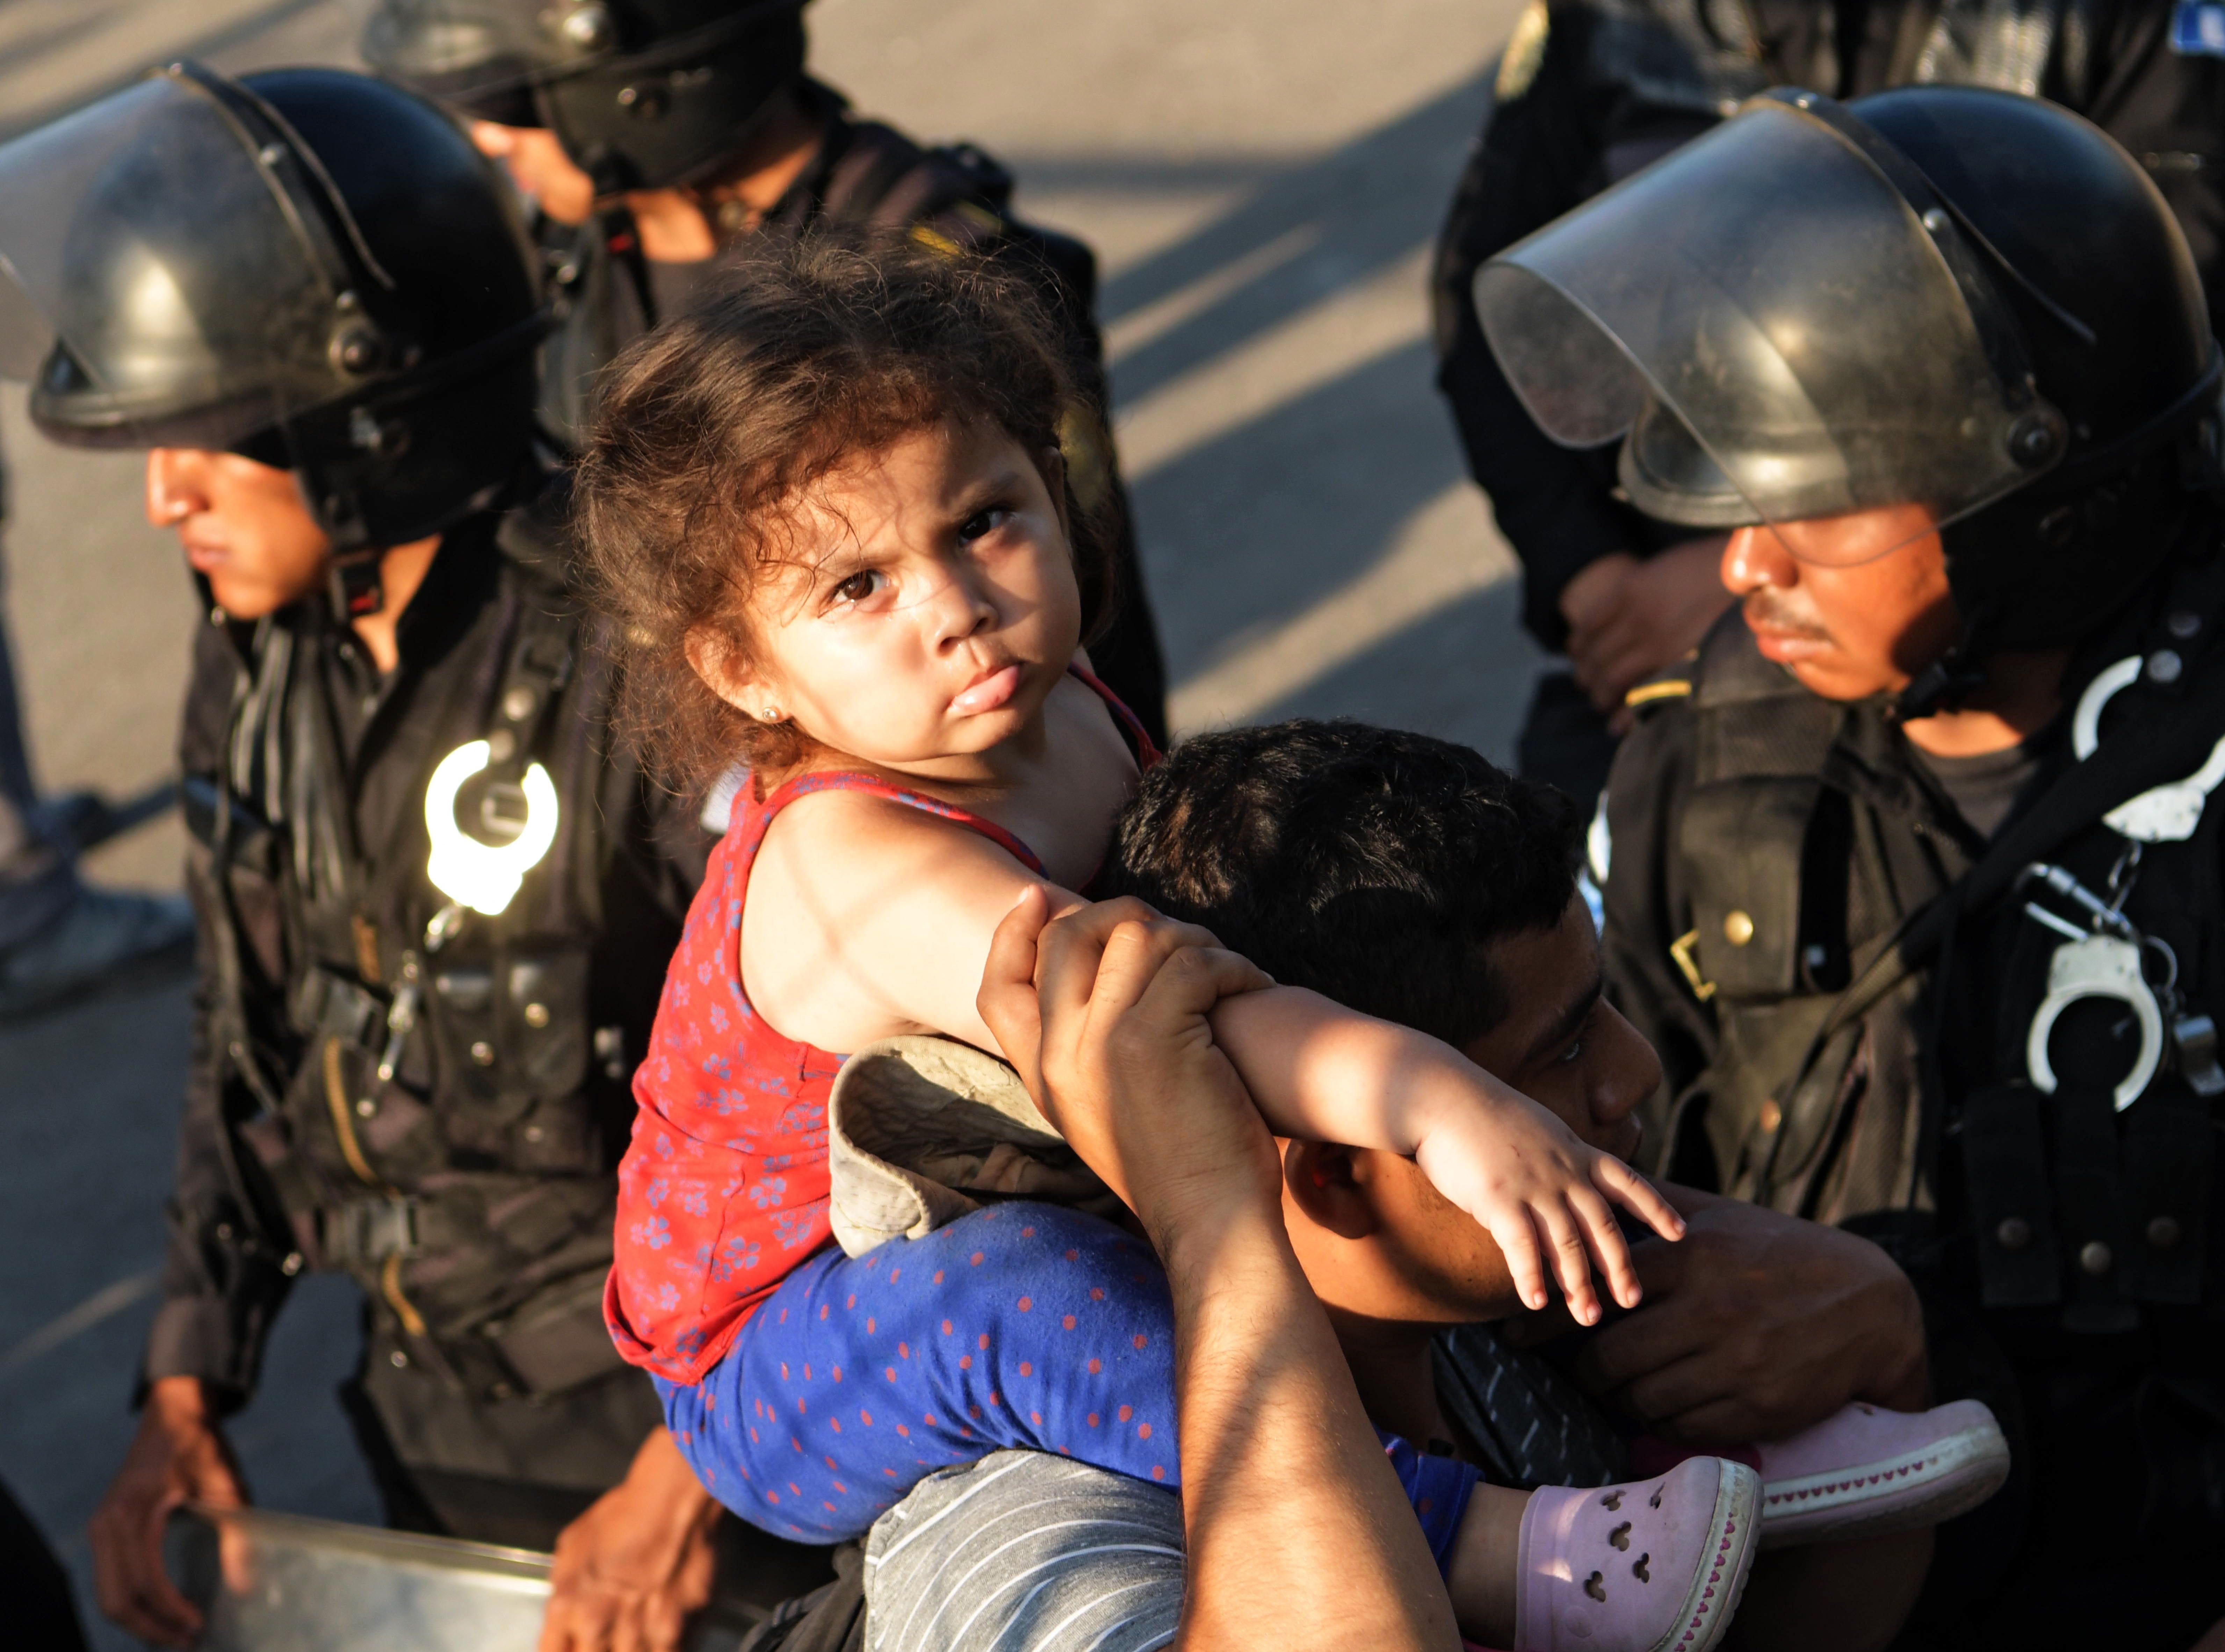 Una niña salvadoreña montada en los hombros de su padre, intenta sortear una barrera de policías en la frontera entre Guatemala y México. Estos son los rostros de los migrantes centroamericanos que huyen de la pobreza y violencia que se vive en sus países; y que por medio de una caravana caminan cientos de kilómetros cruzando ciudades, ríos, carreteras, bosques y fronteras, con el firme propósito de hacer realidad su sueño de llegar a los Estados Unidos.